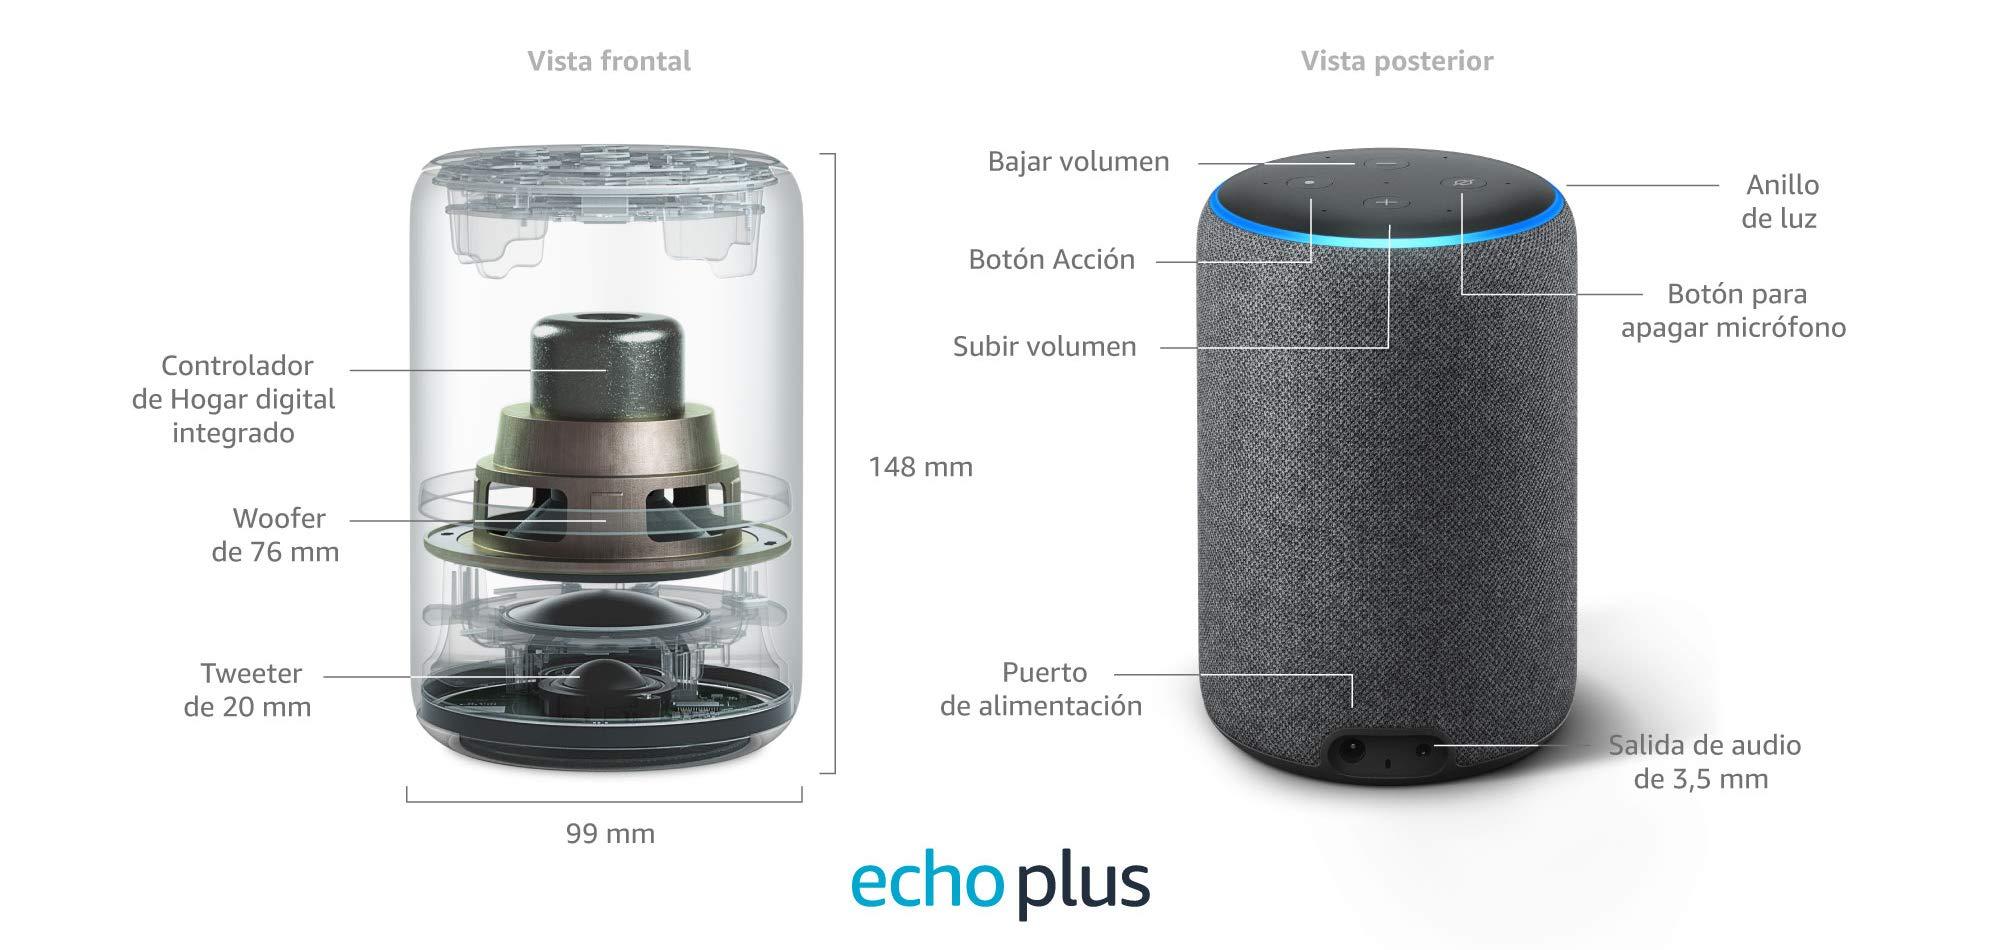 Conociendo a Alexa con Echo Plus, análisis 2019 - Imagen 52 - TECNOFRIKIS